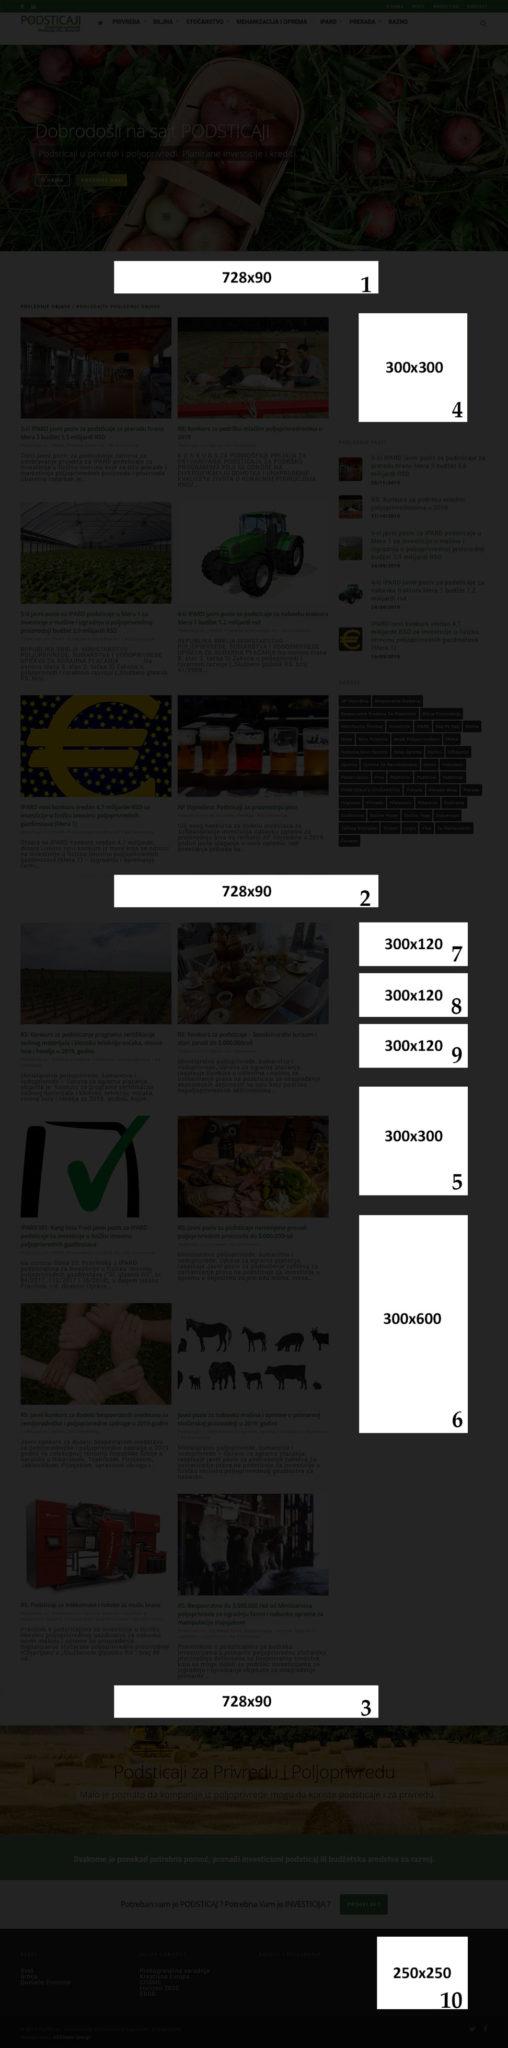 Podsticaji_sajt_pozicije_banera